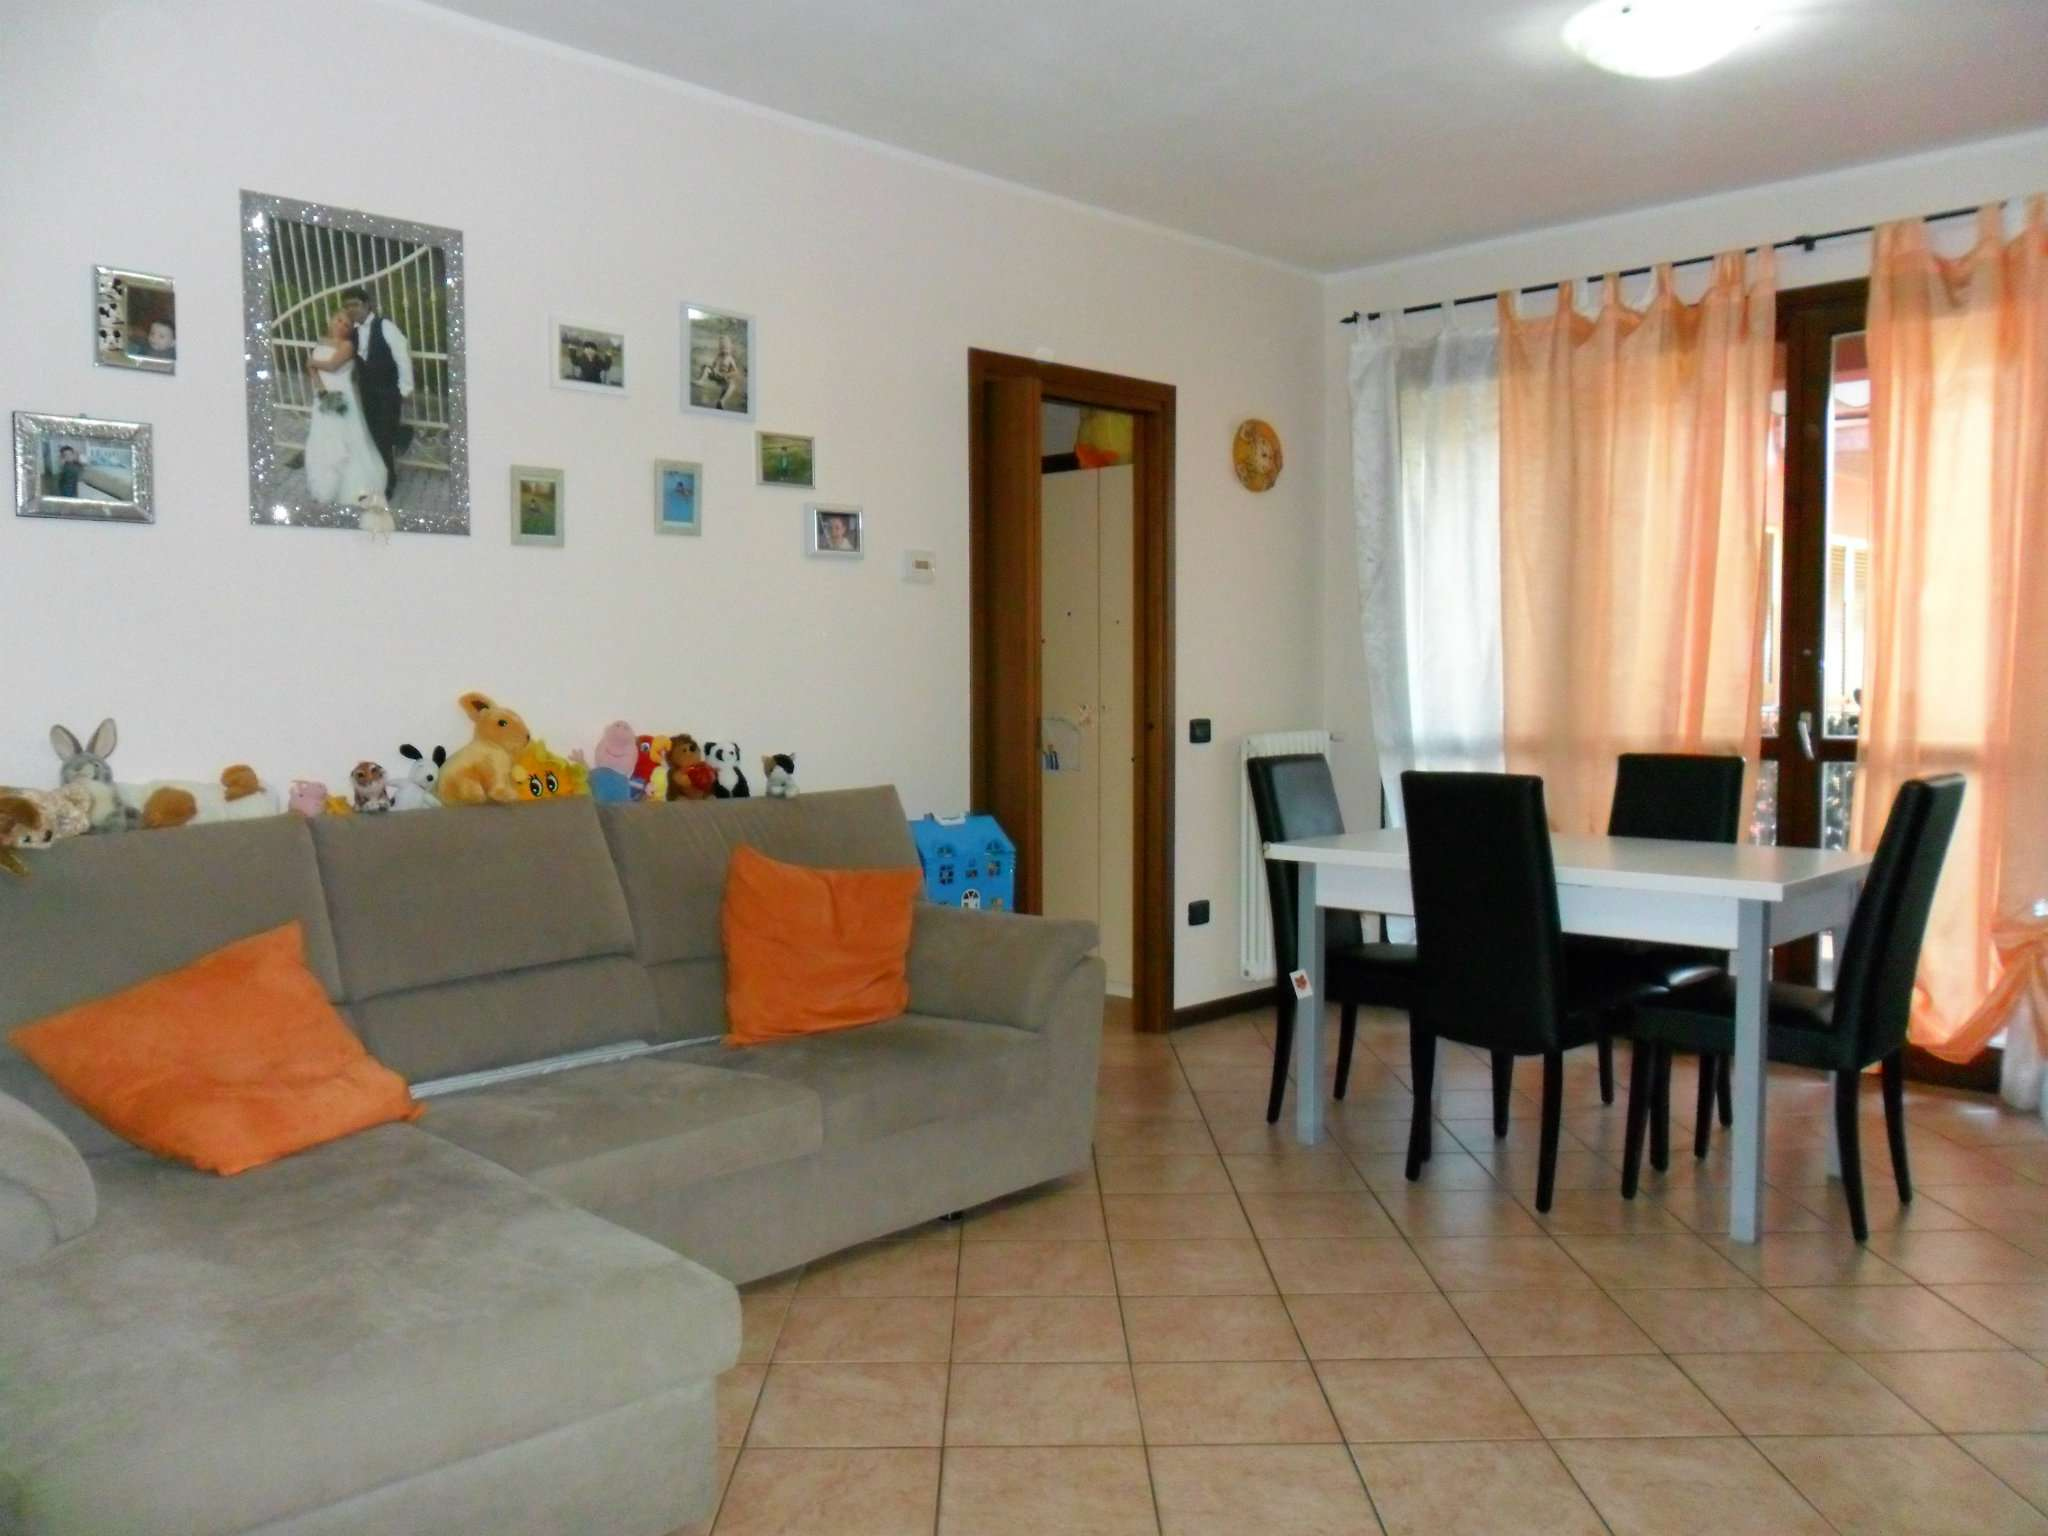 Appartamento in vendita a Noceto, 3 locali, prezzo € 110.000 | Cambio Casa.it